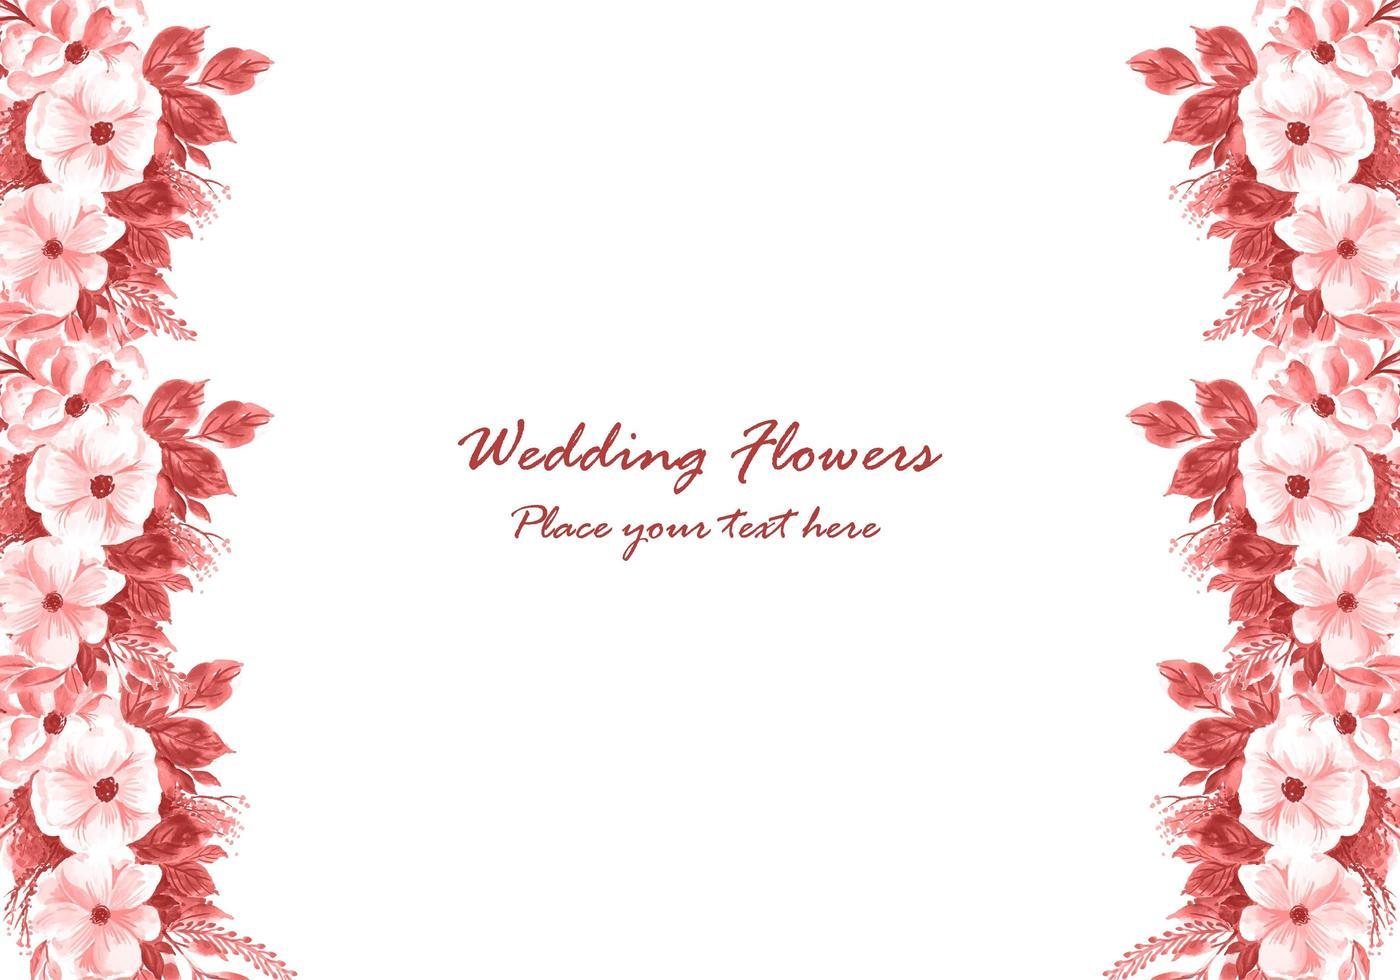 Bröllop dekorativ blommoram med bakgrund för inbjudningskort vektor